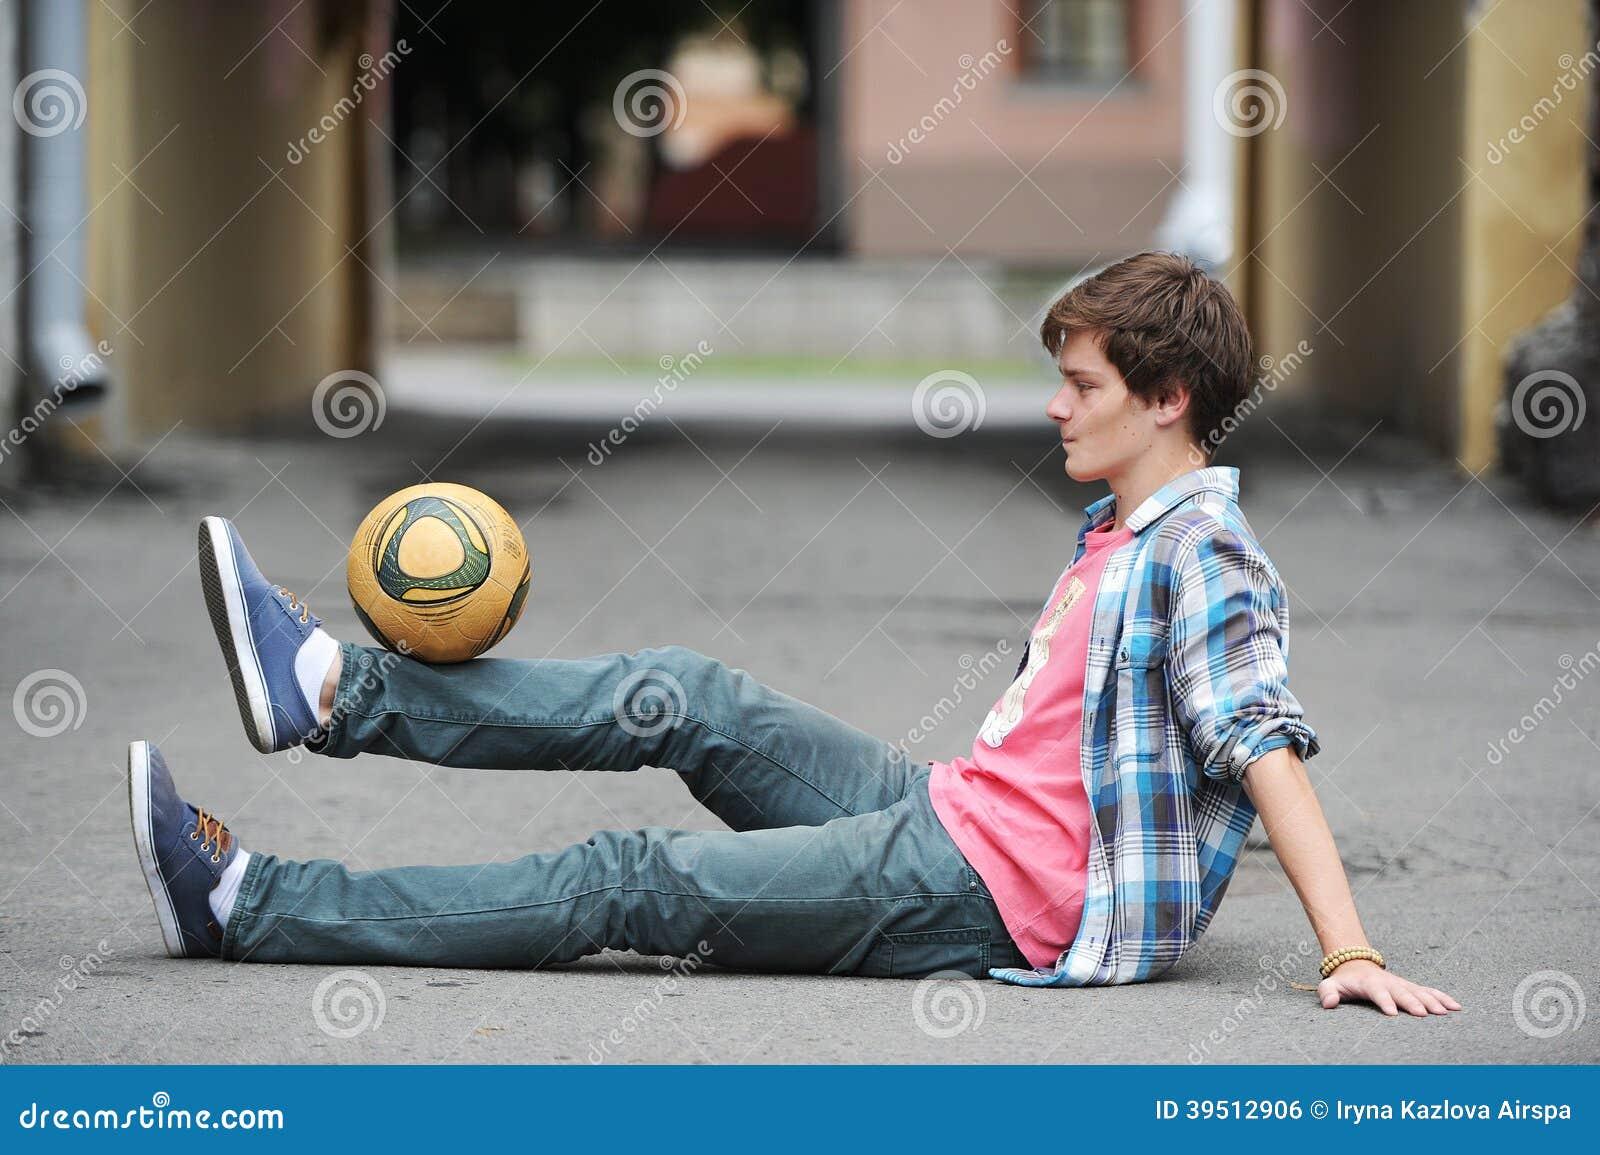 Style libre du football